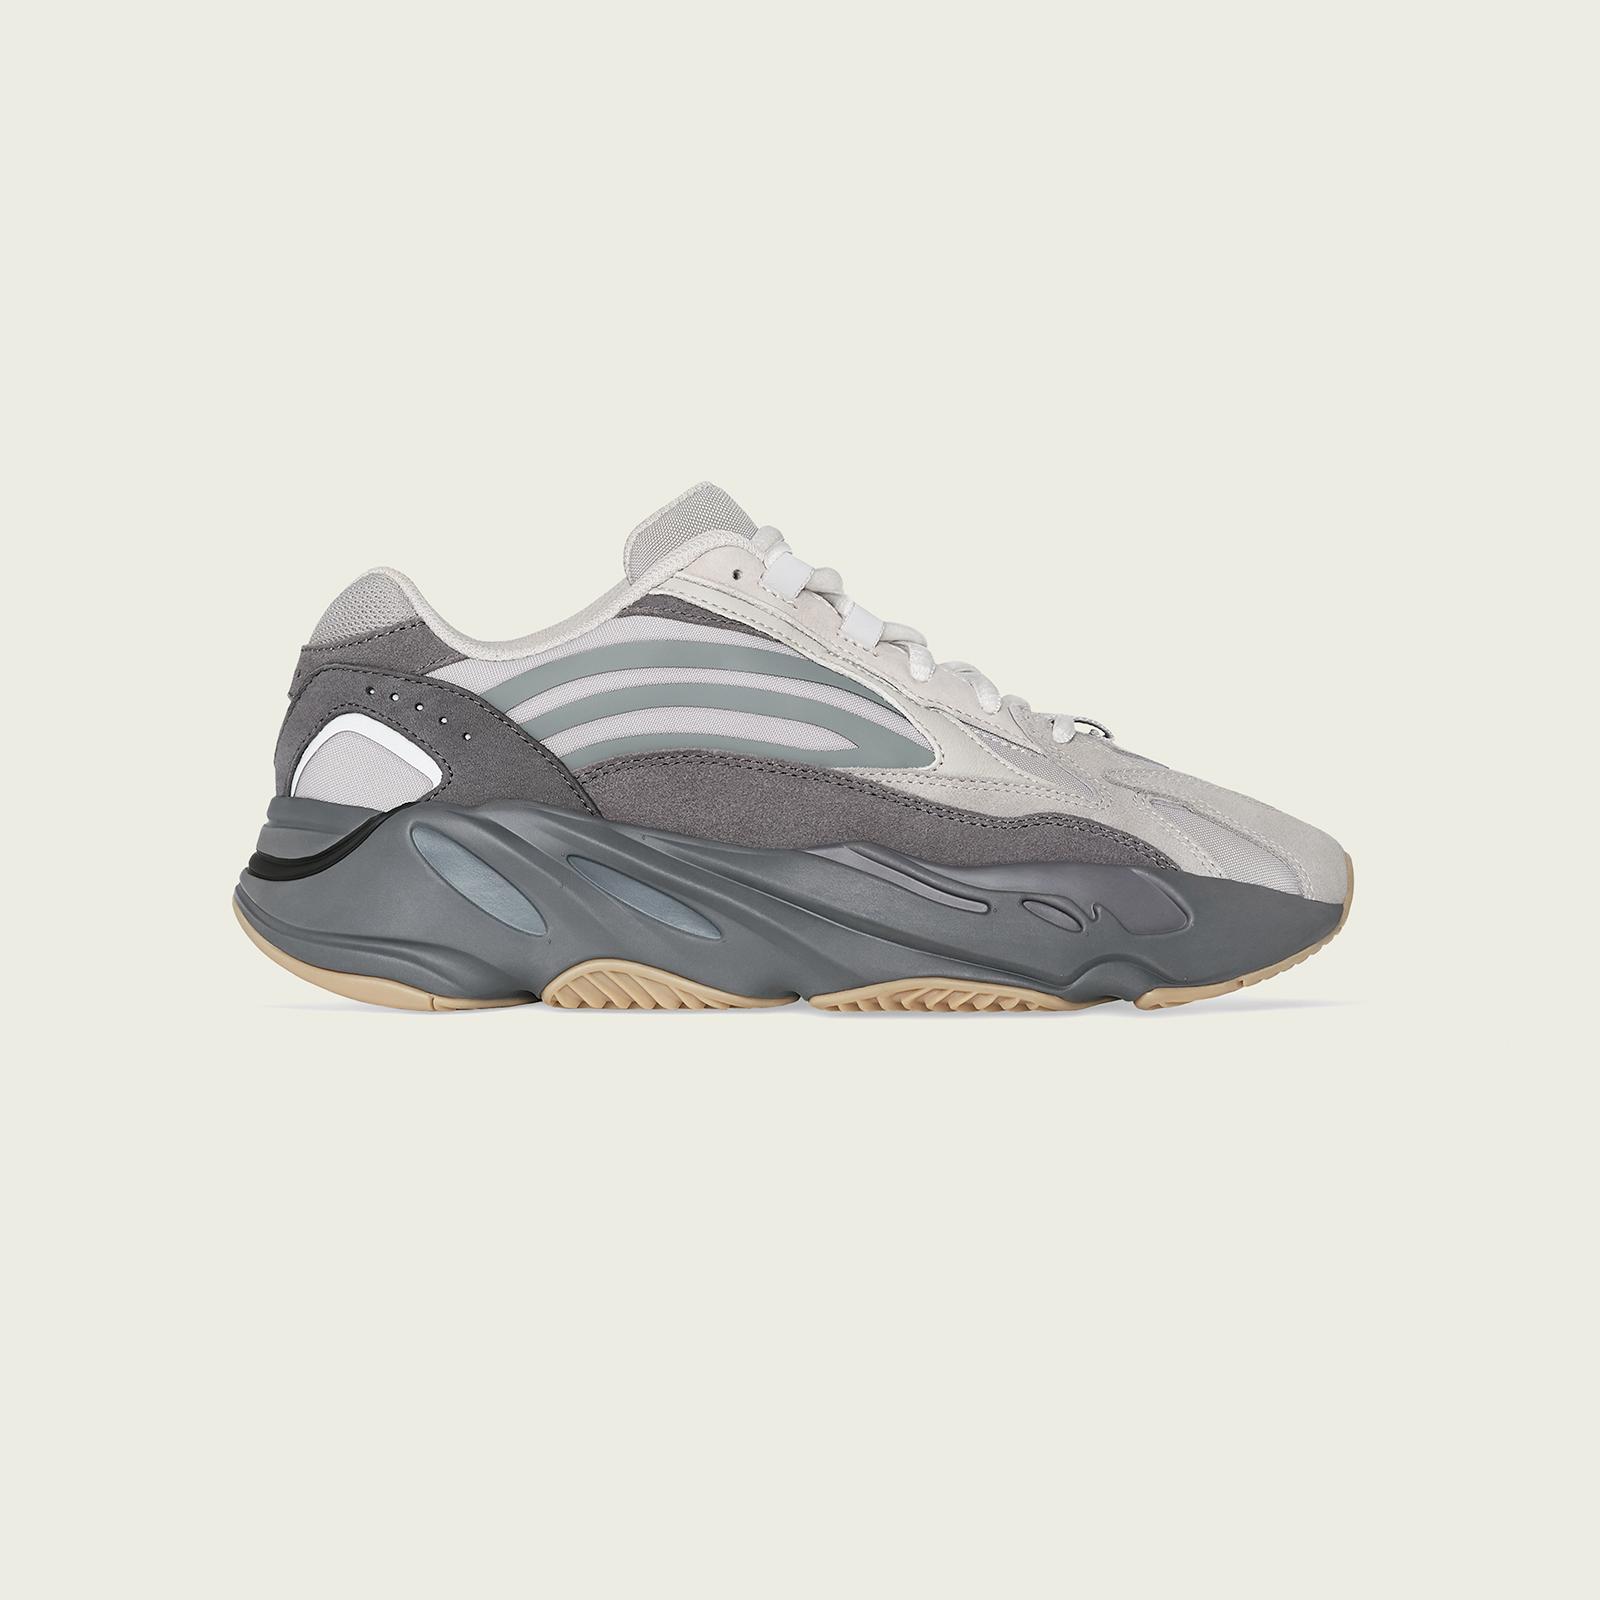 01-adidas-yeezy-boost-700-v2-tephra-fu7914